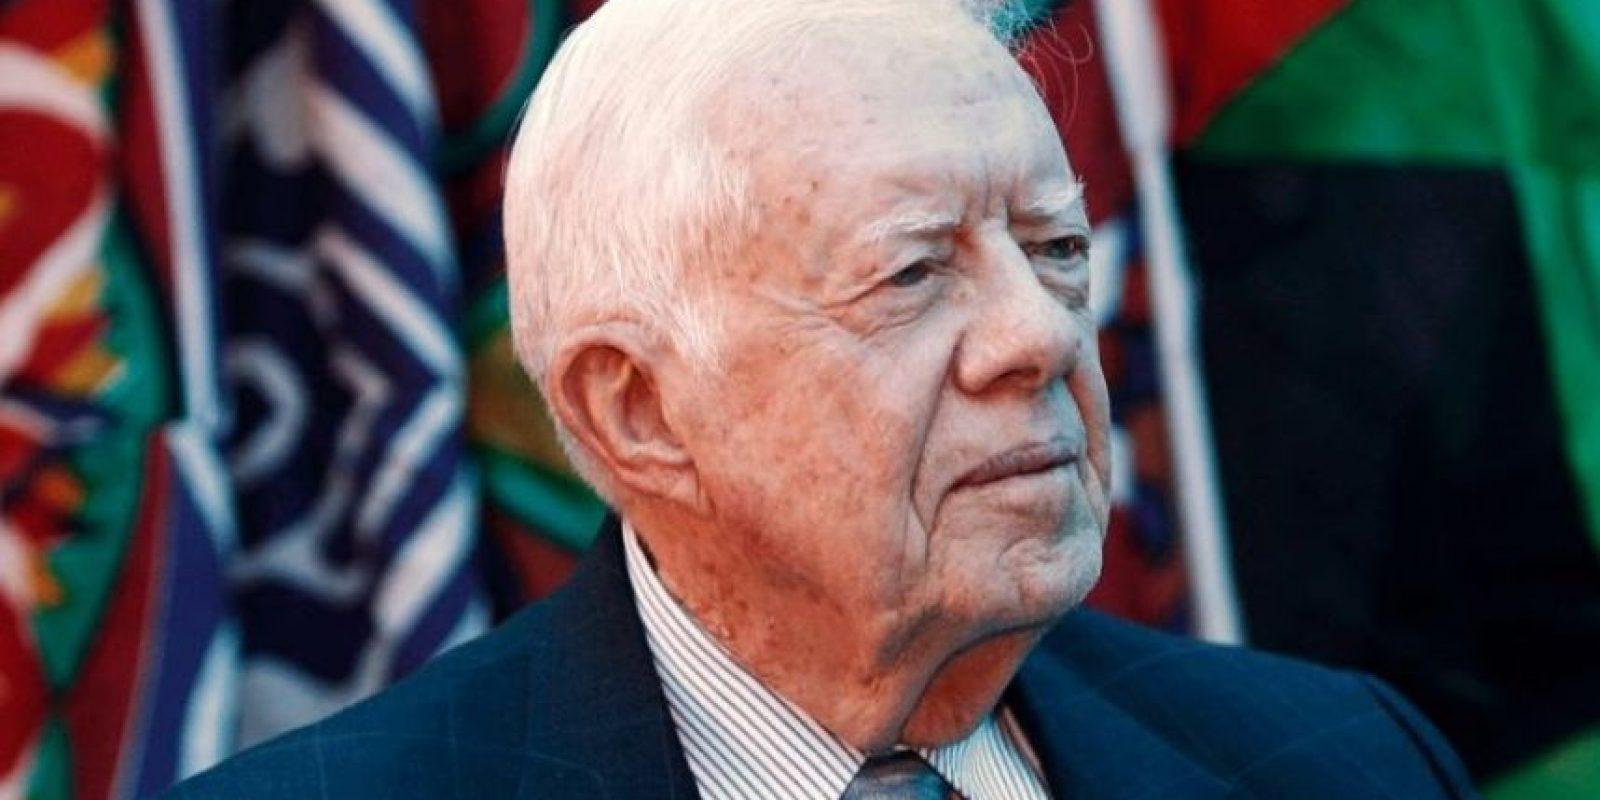 El expresidente de Estados Unidos, Jimmy Carter: Afirmó haber visto un ovni cuando era gobernador de Georgia, en 1969. Luego trató de desmentirlo antes de morir. Foto:Getty Images